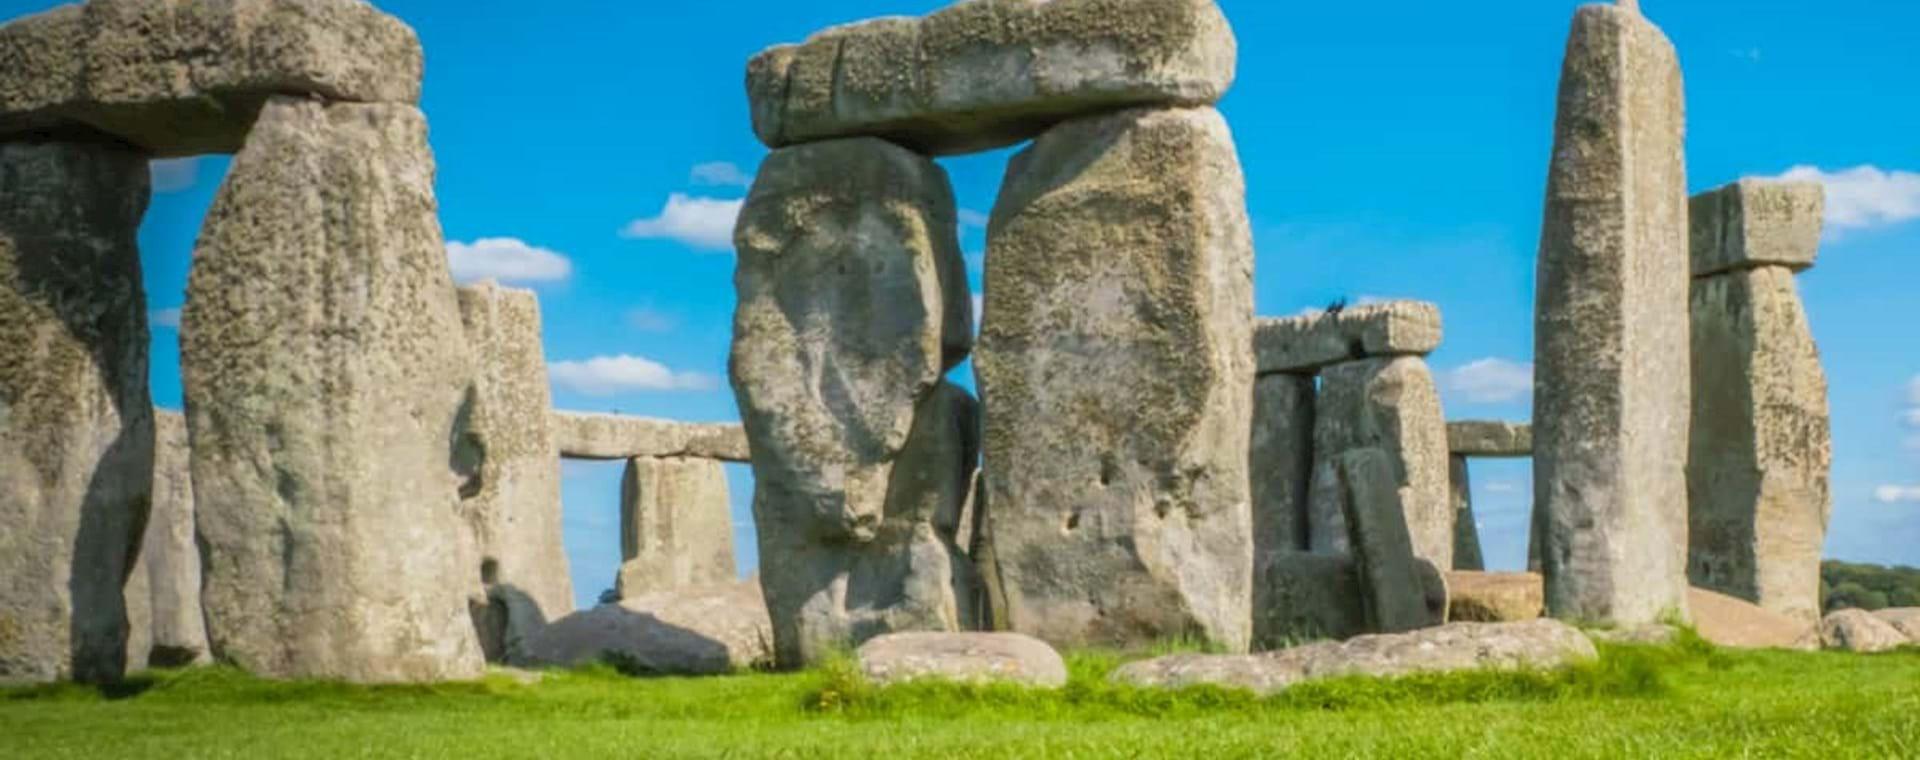 Iconic stones at Stonehenge, England